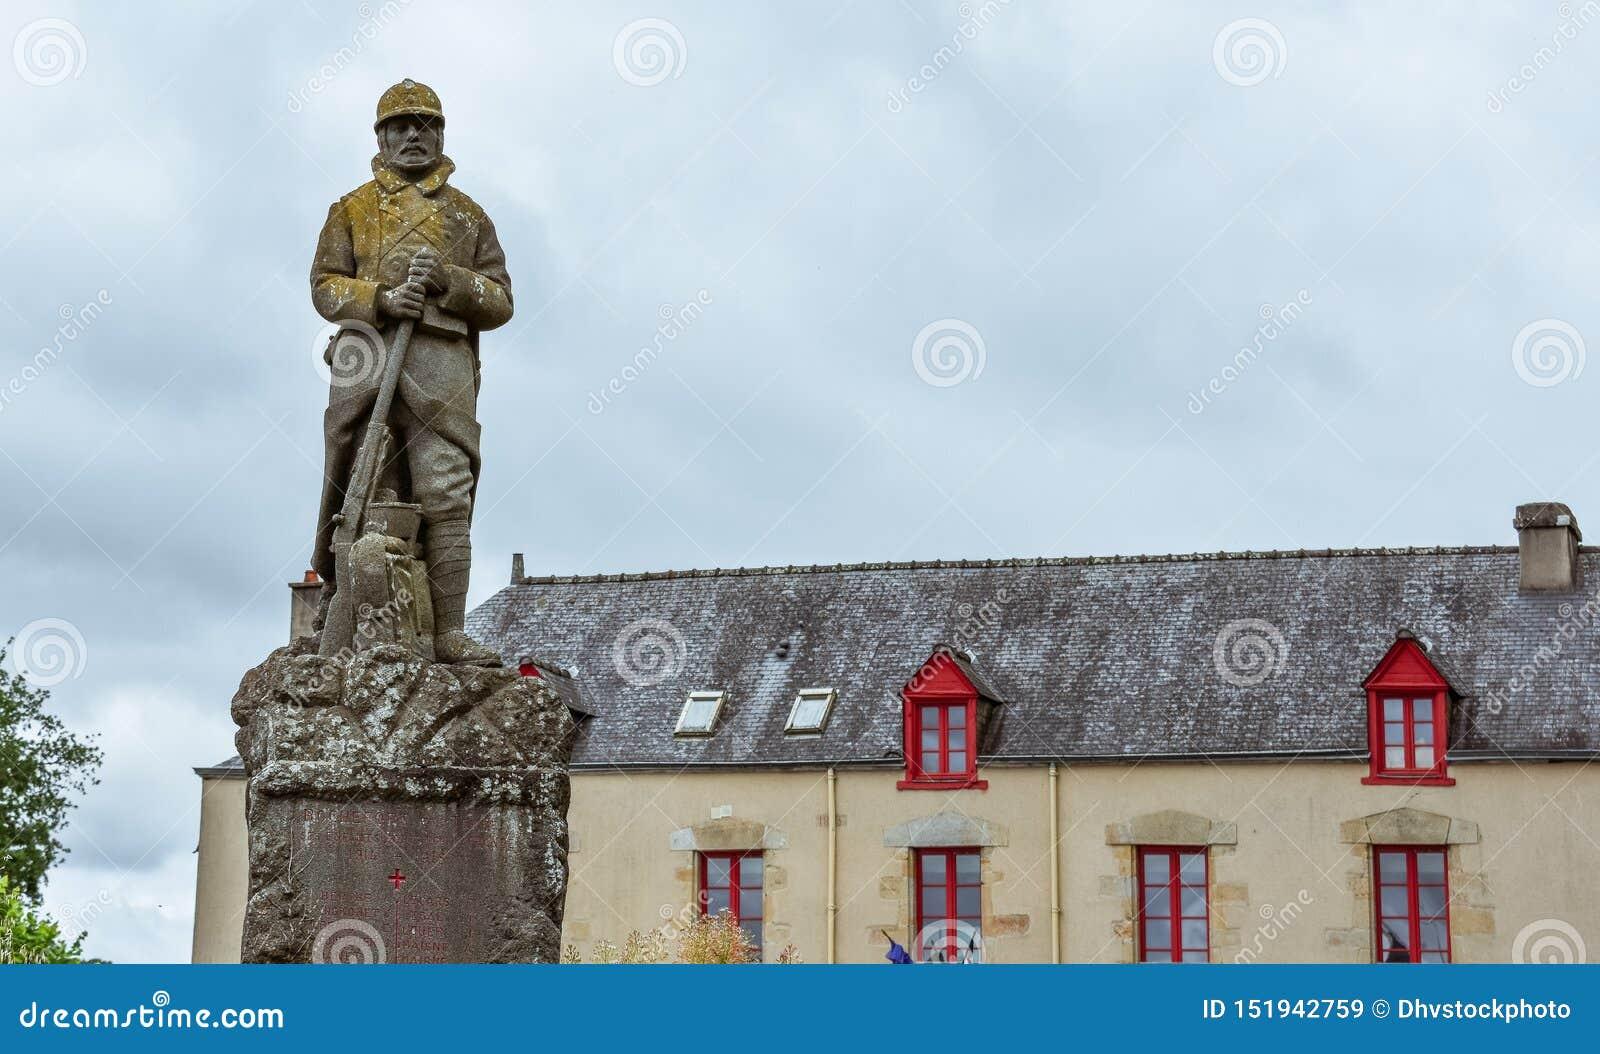 法国布里坦尼和军事雕象的古色古香的房子